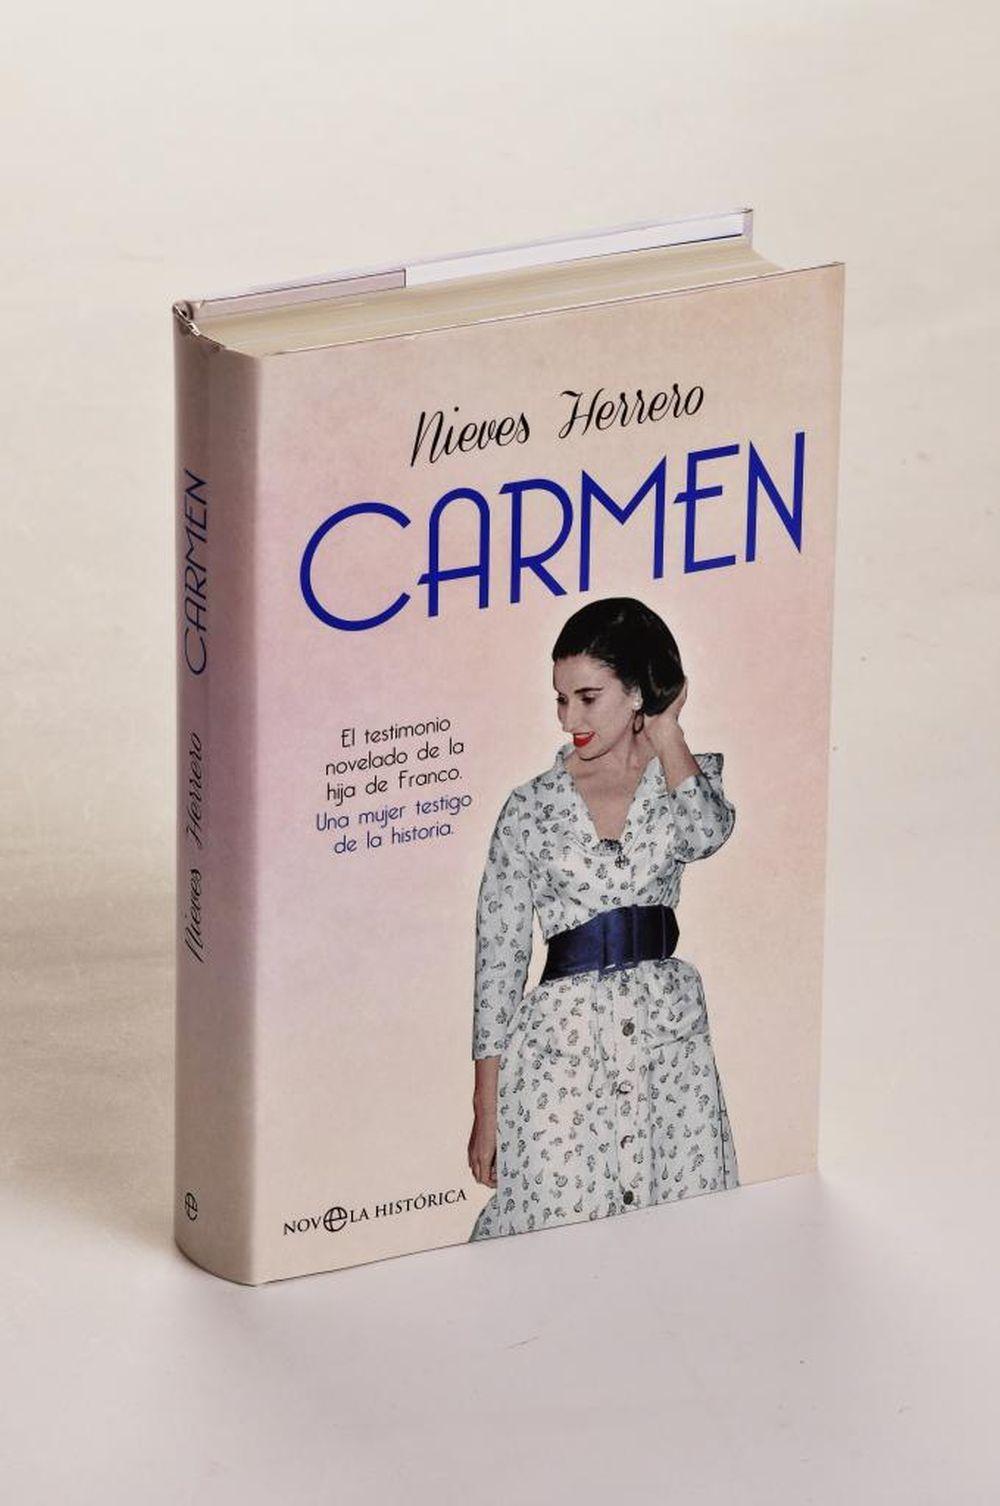 Nieves Herrero novela con rigor y amenidad la vida de Carmen Franco y...